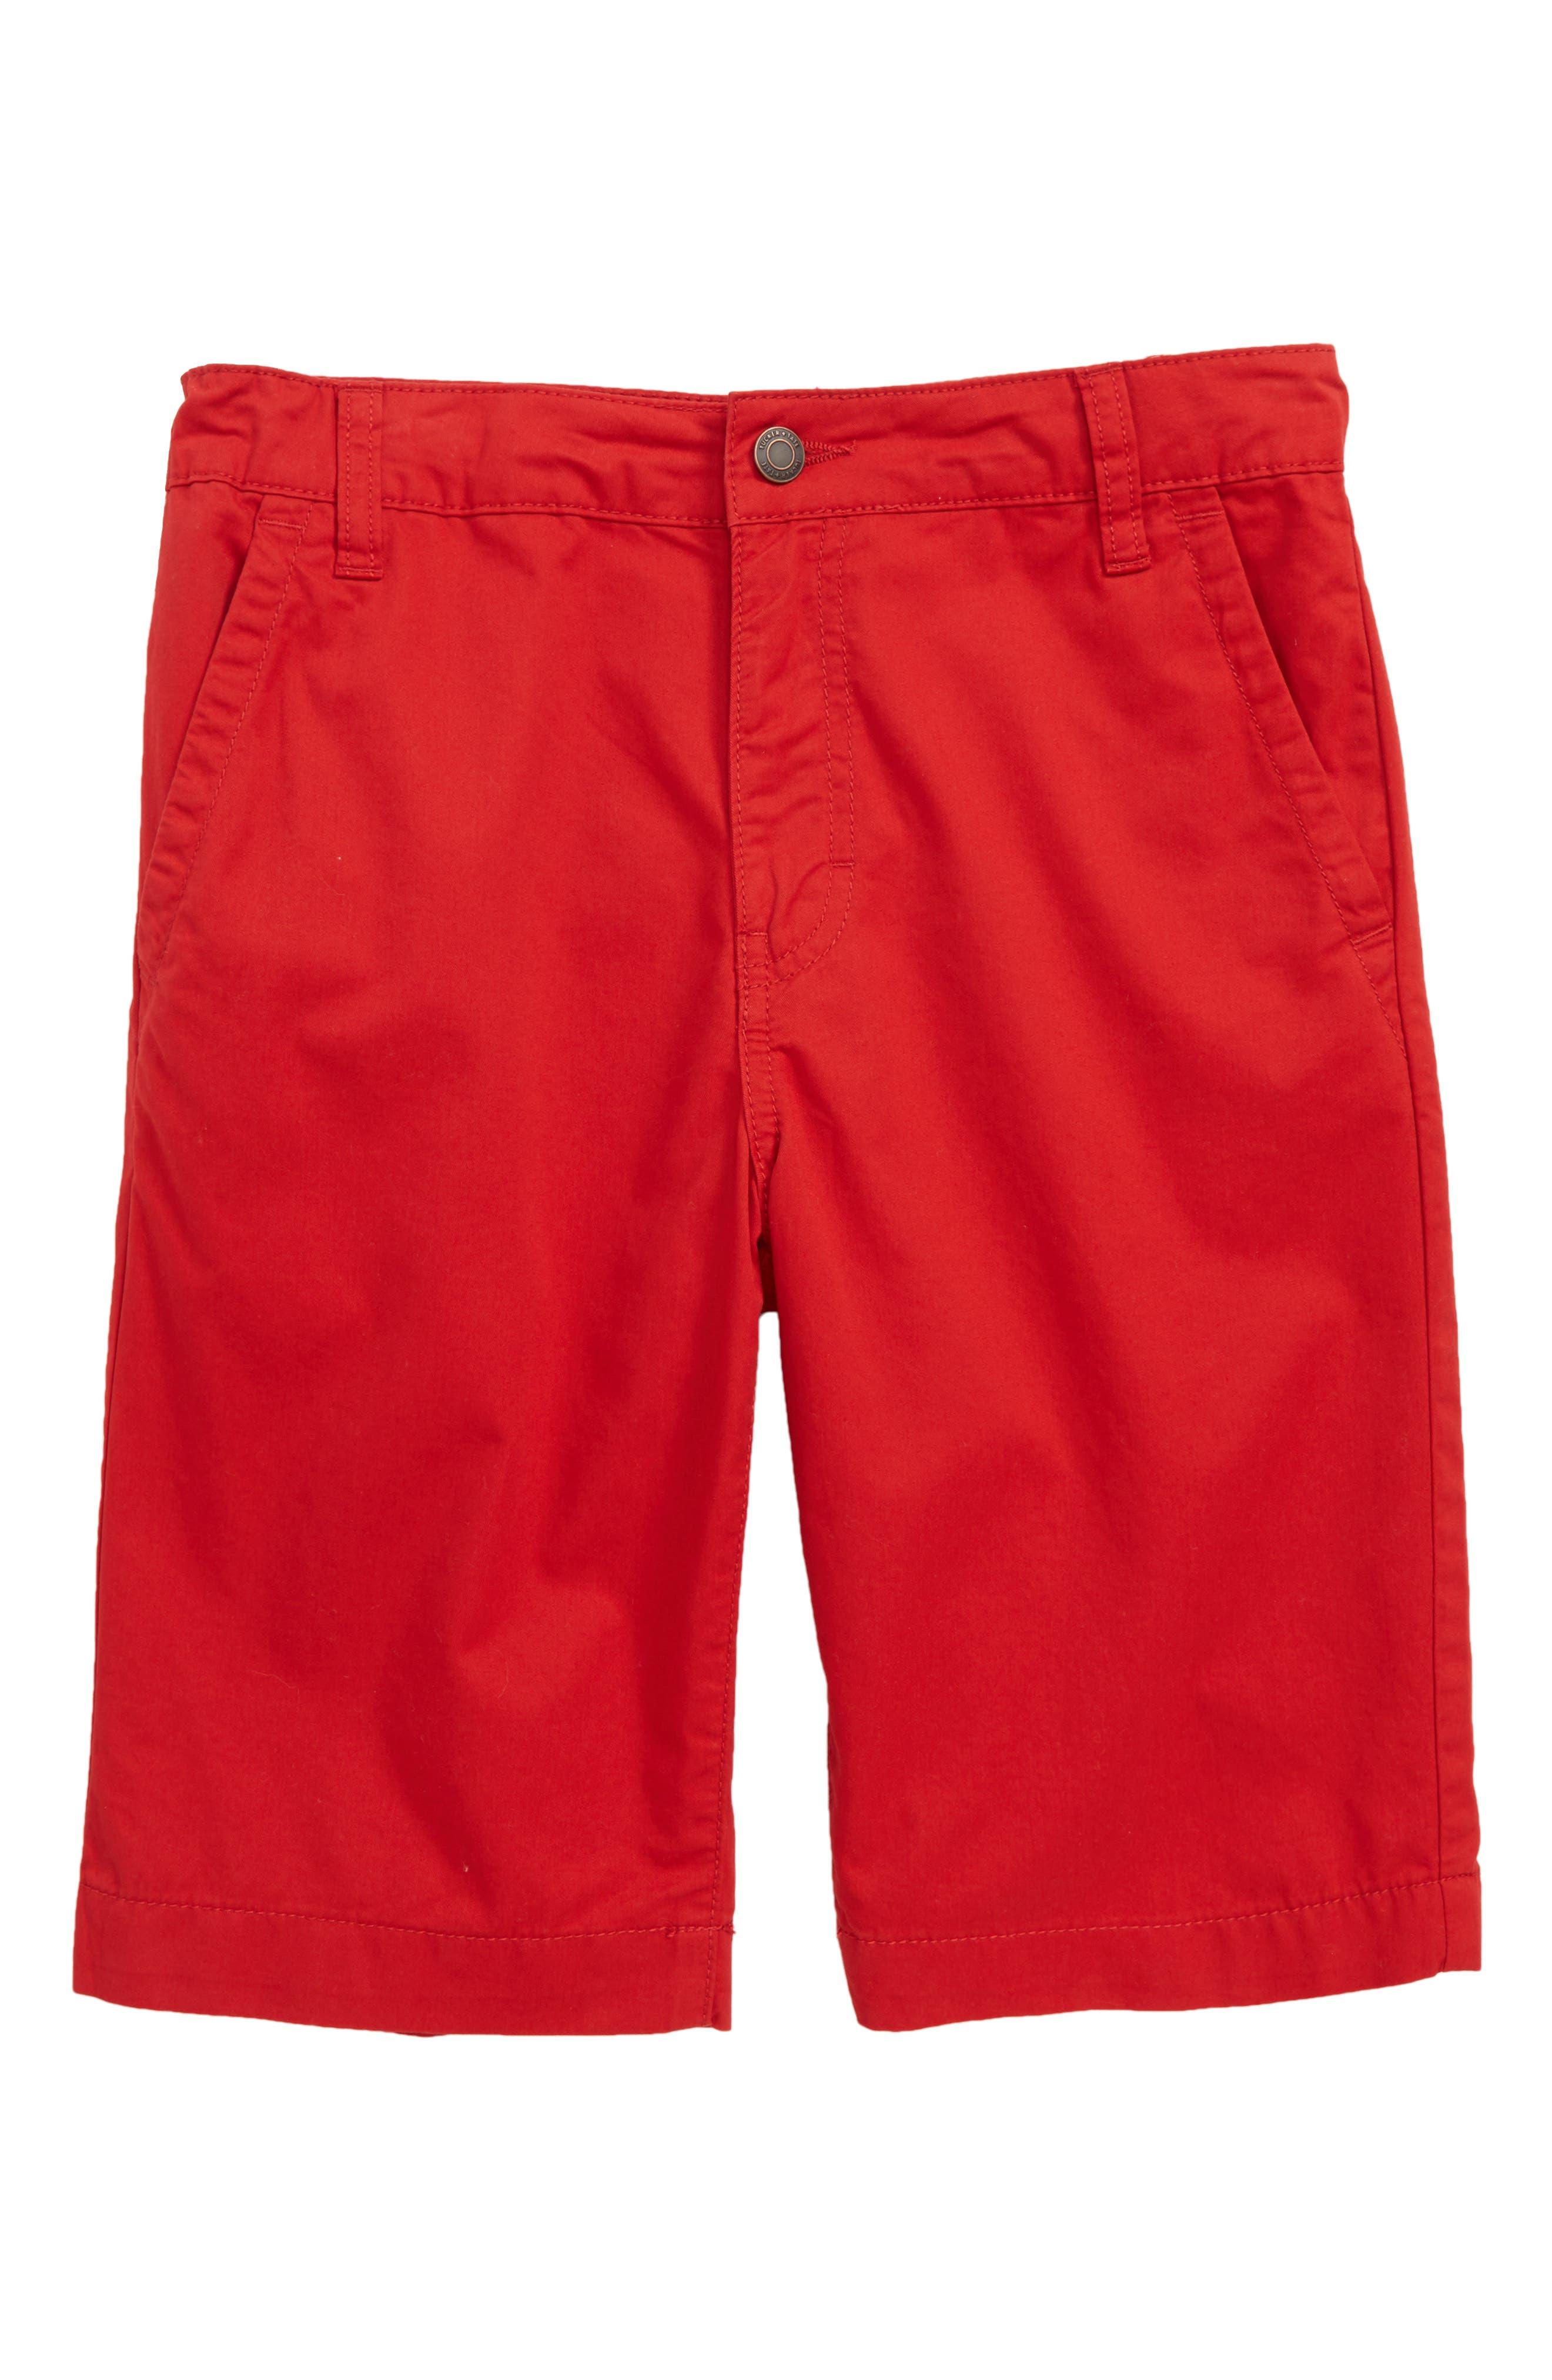 Chino Shorts,                             Main thumbnail 1, color,                             Red Samba